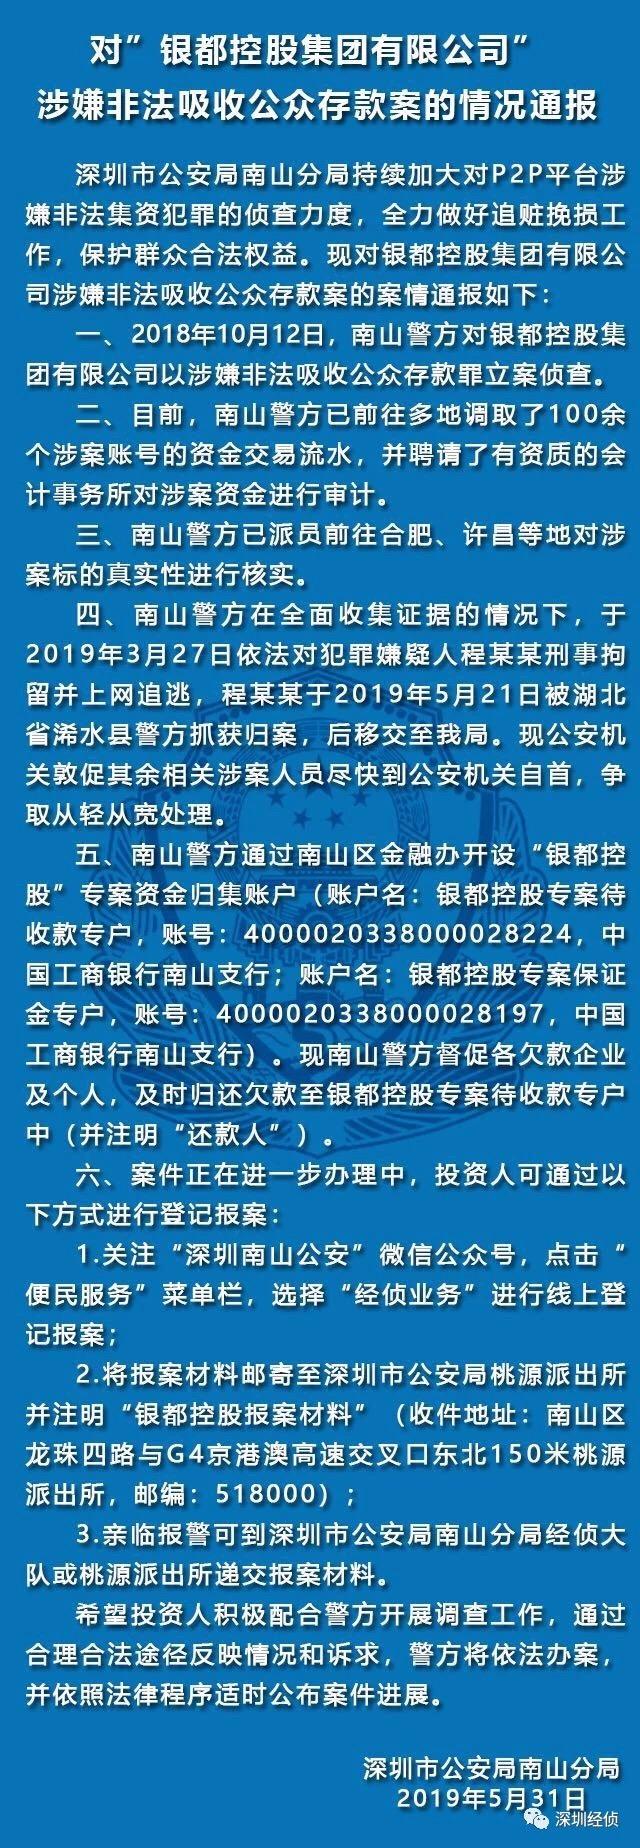 195032_5cf509889c229.png